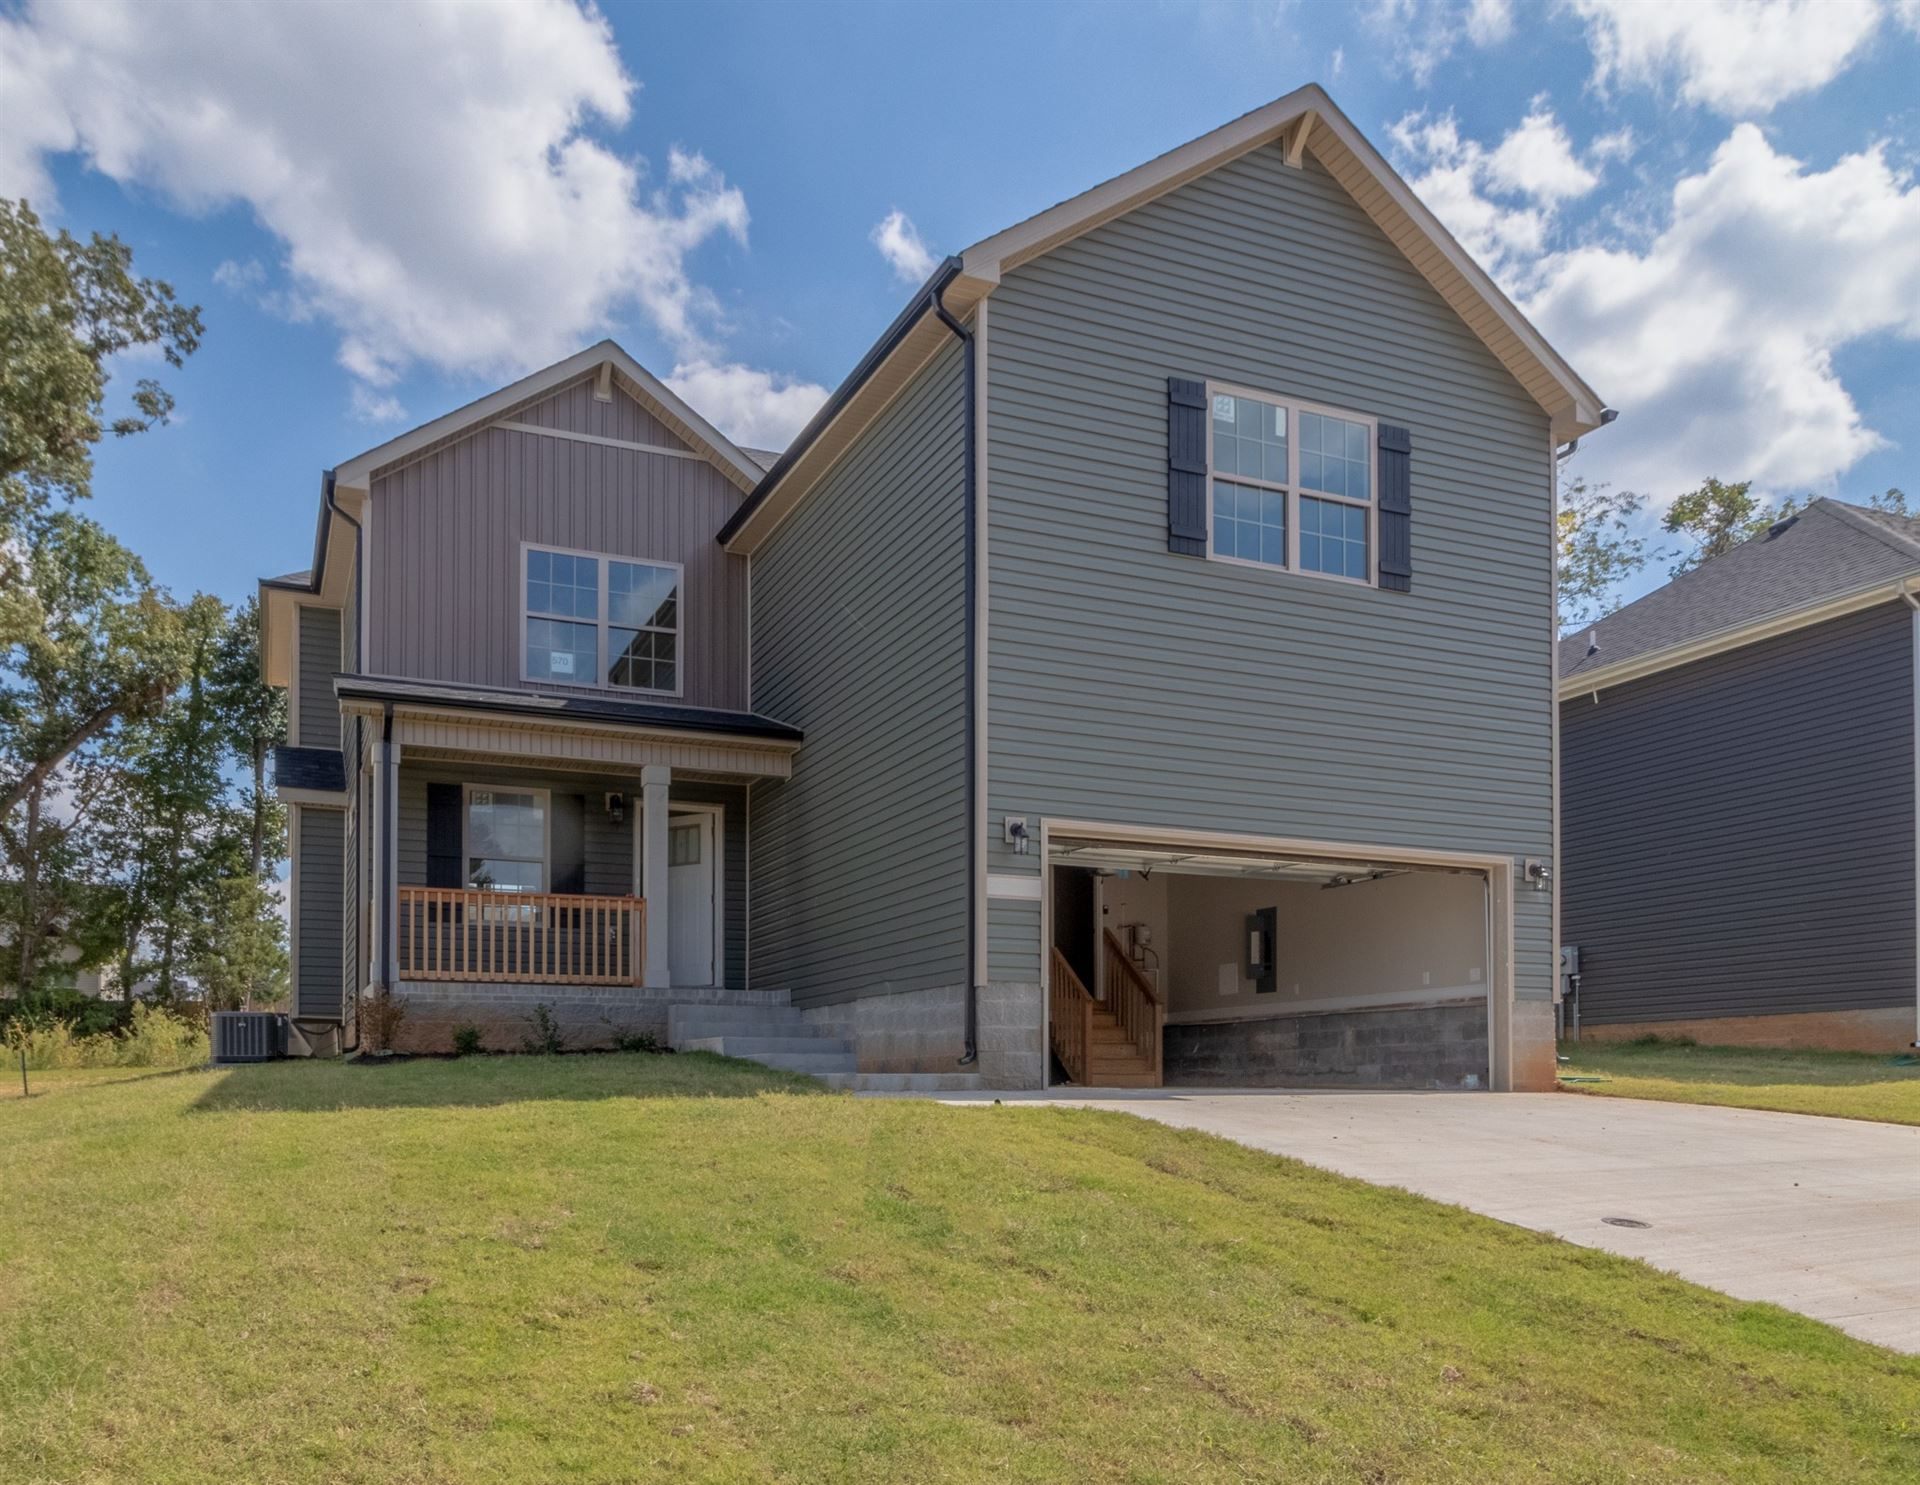 1075 Spicer Drive, Clarksville, TN 37042 - MLS#: 2286887